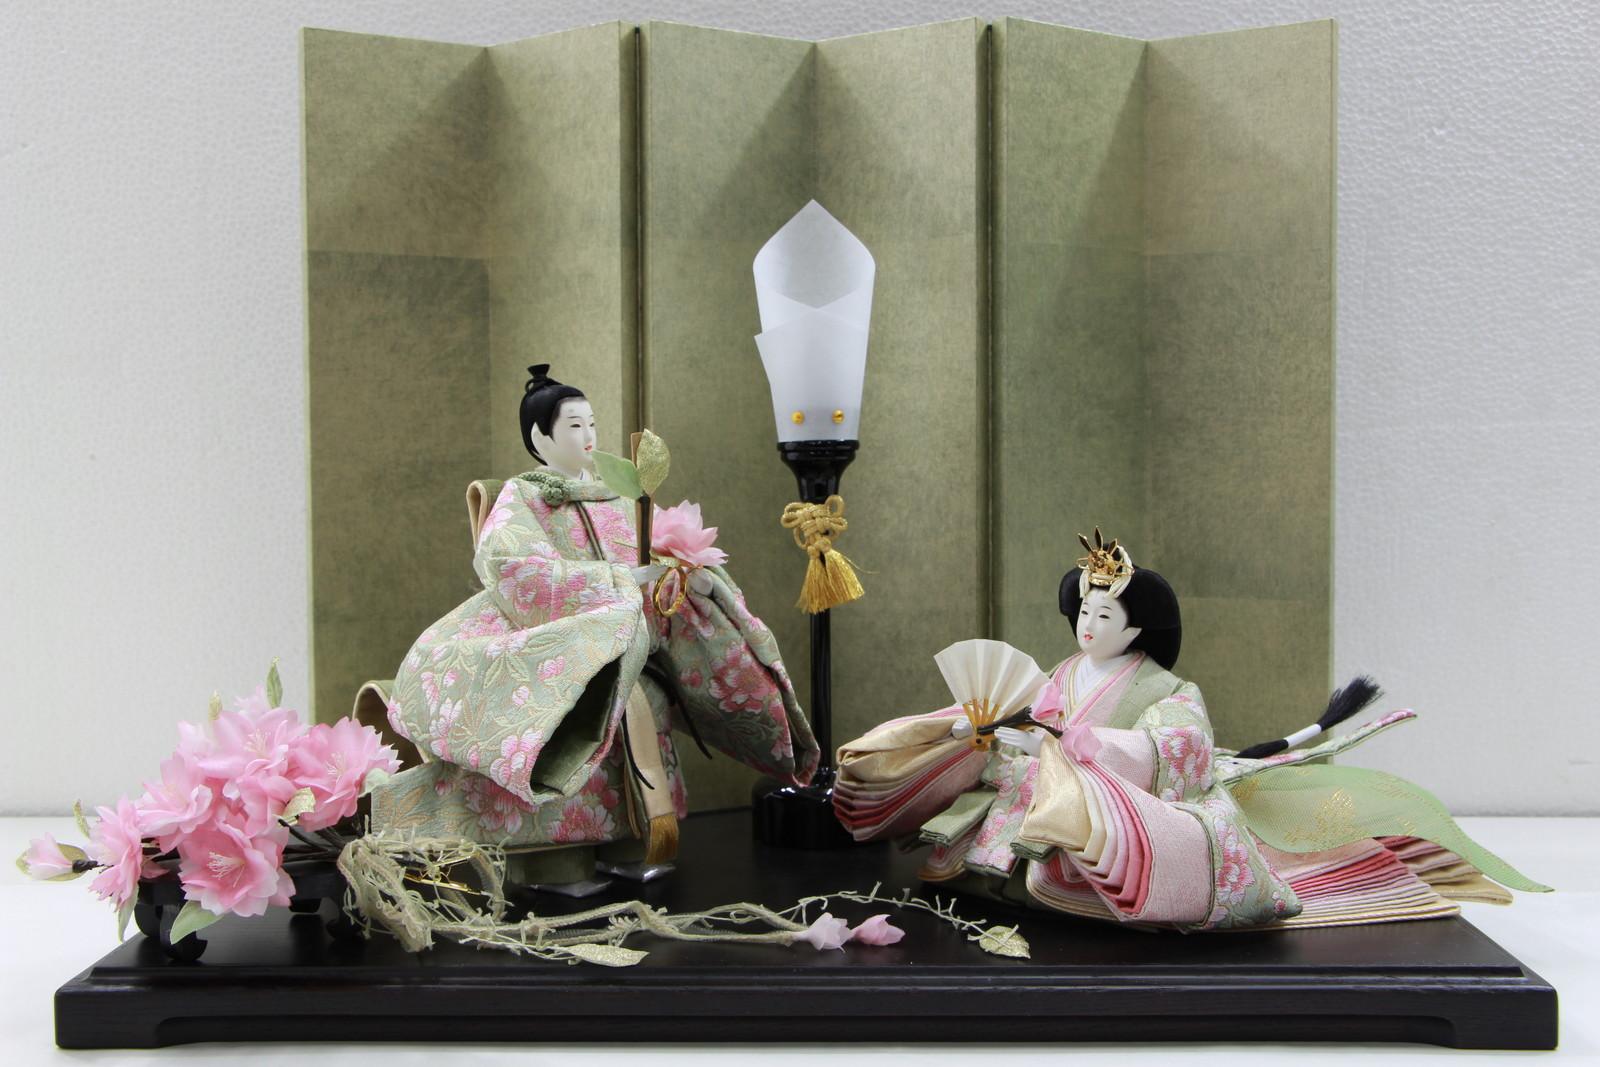 アート&デザイン後藤由香子作黒桜創作雛人形平飾り【雛人形親王飾り】